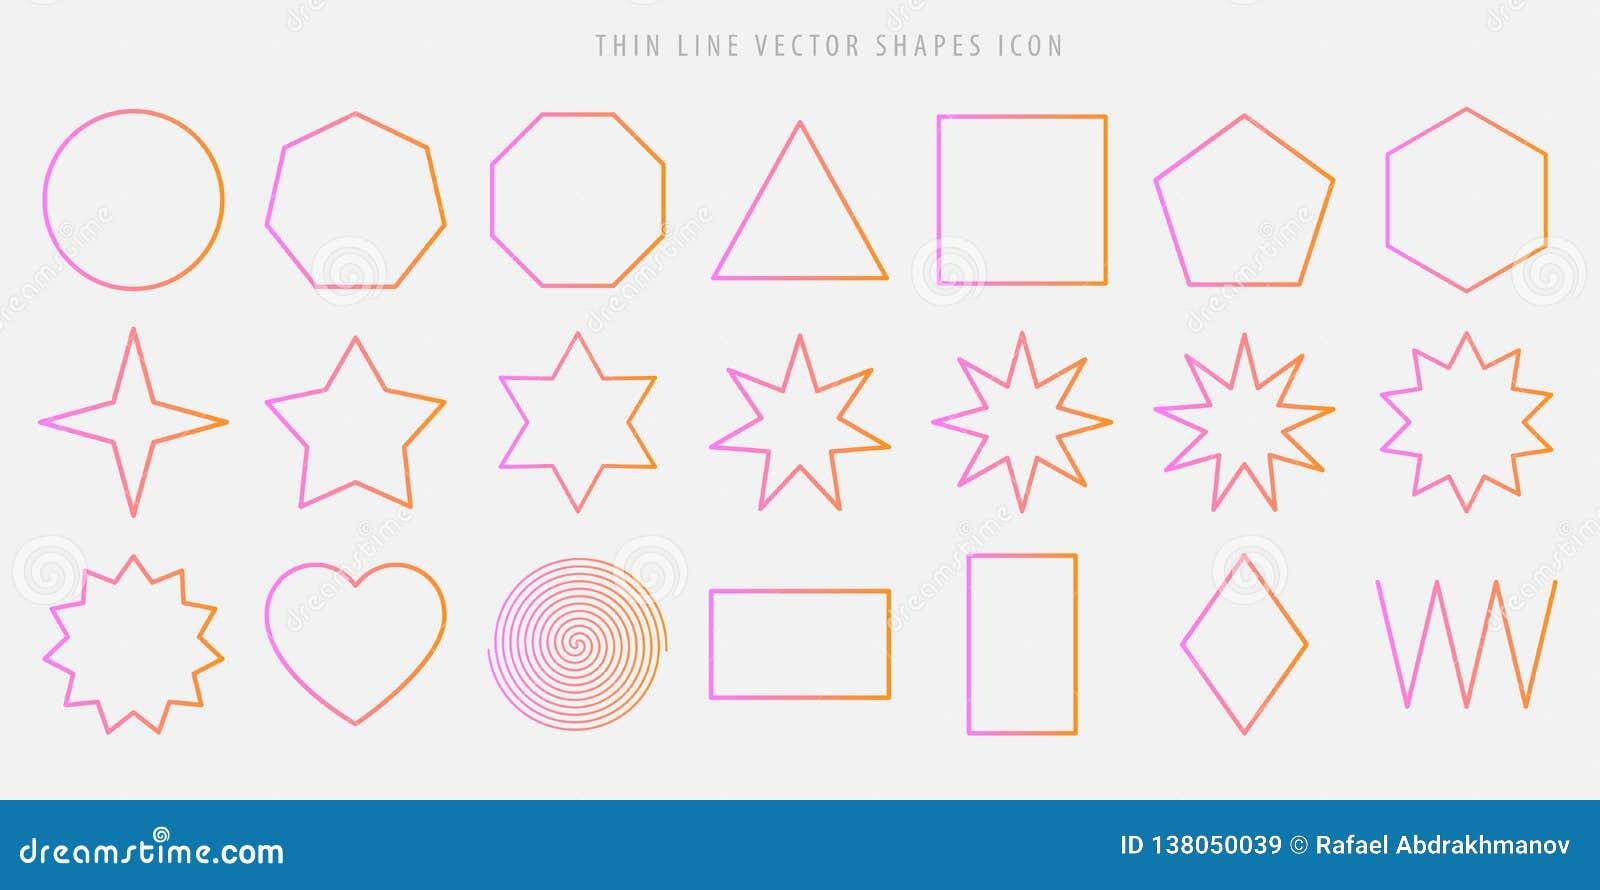 Dunne het pictogramreeks van lijn vectorvormen cirkel, vierkant, driehoek, veelhoek, ster, hart, spiraal, ruit, de cijfers van he